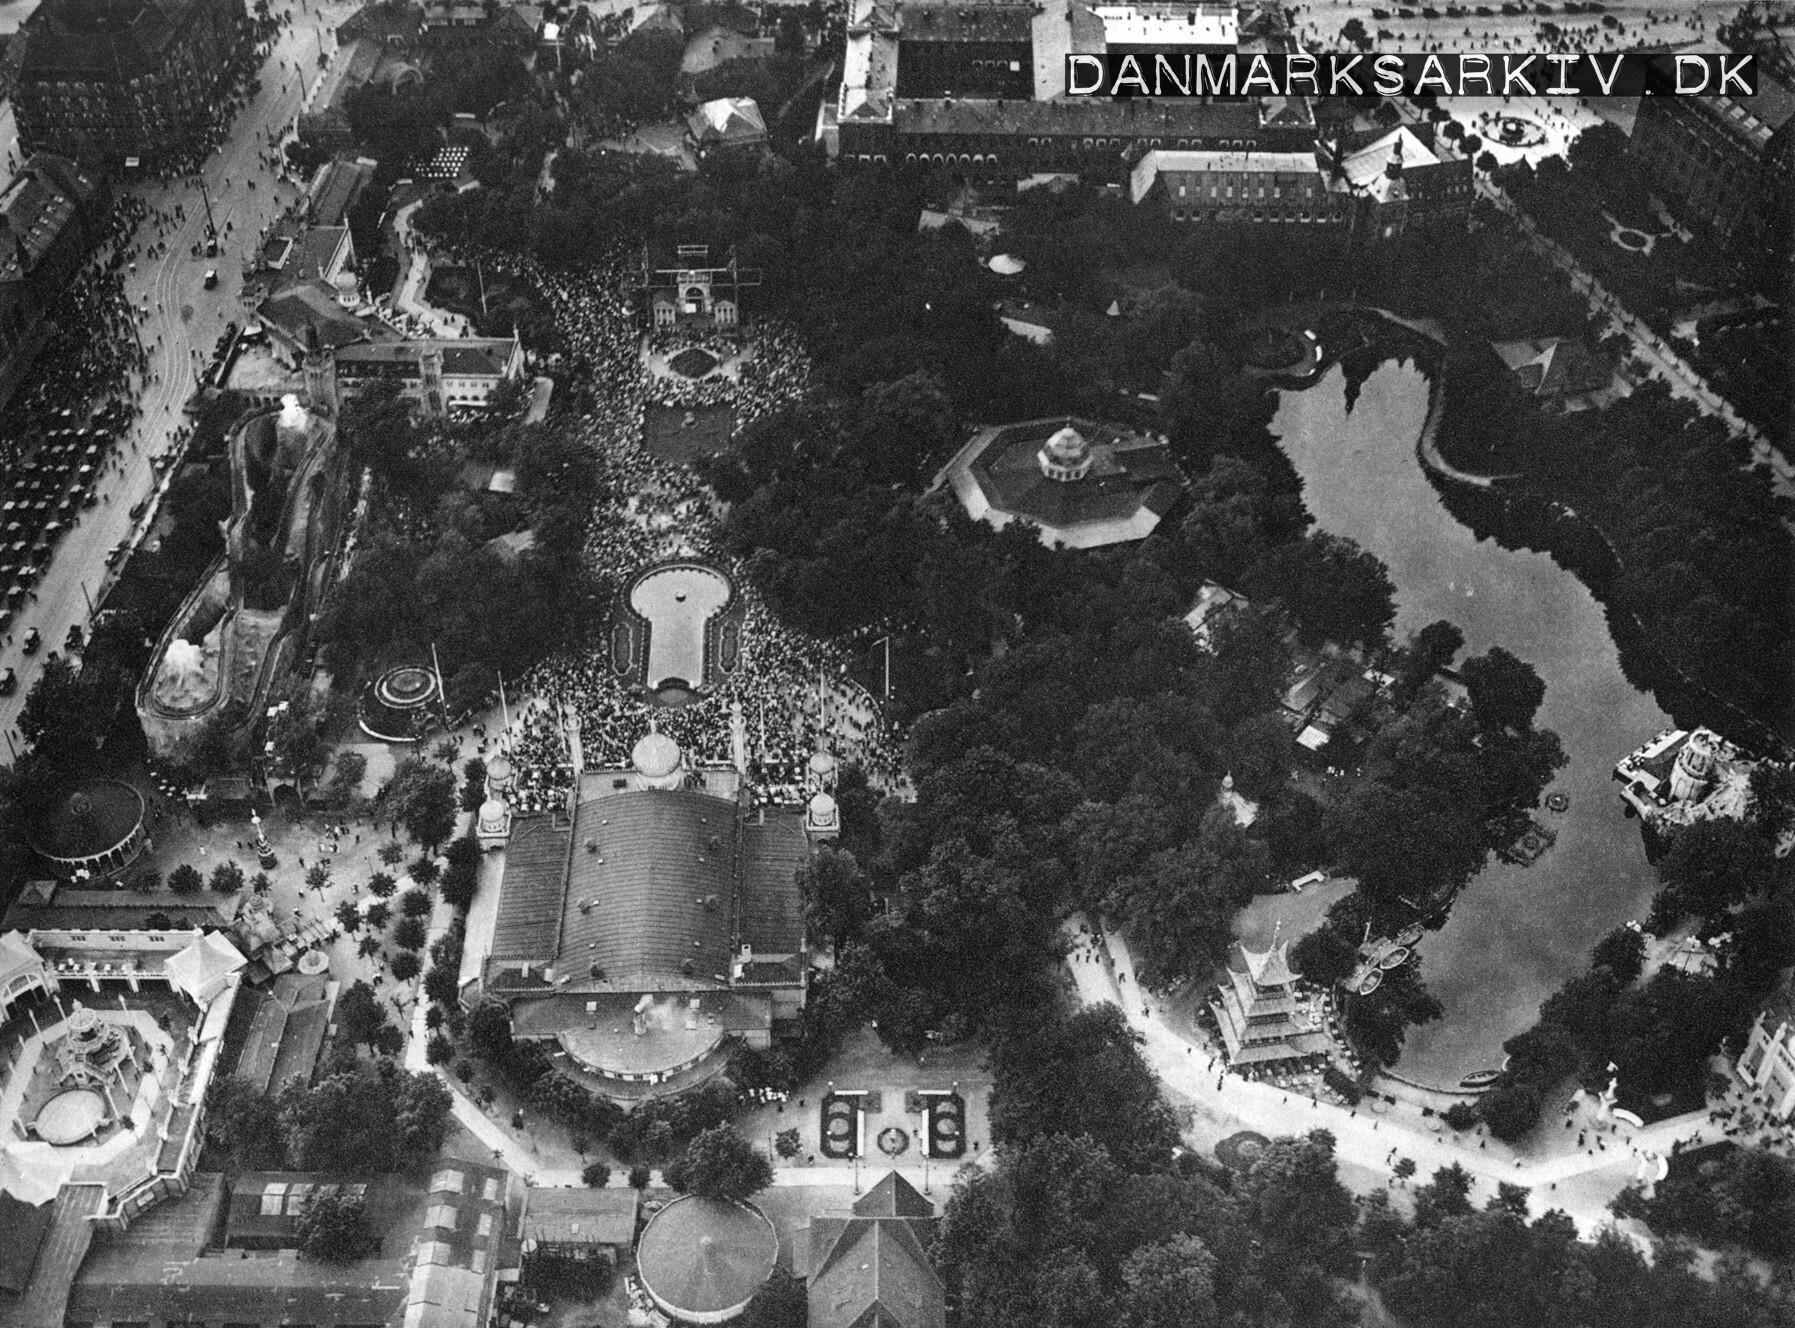 Udsigt fra ballon forlystelse i Tivoli - 1922